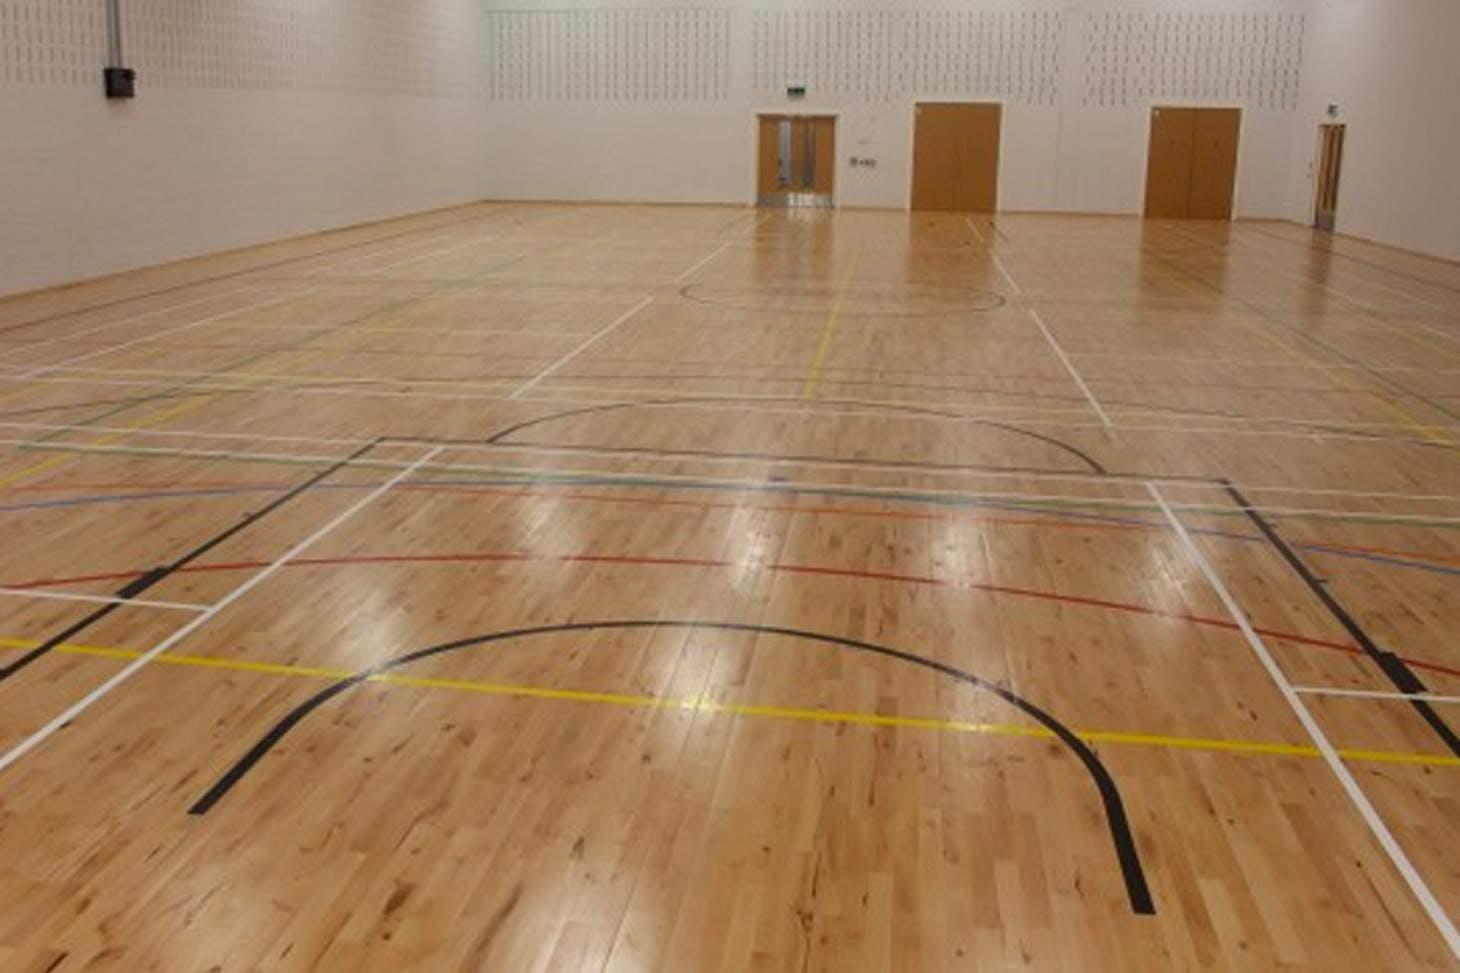 Kensington Primary Academy Indoor   Hard badminton court